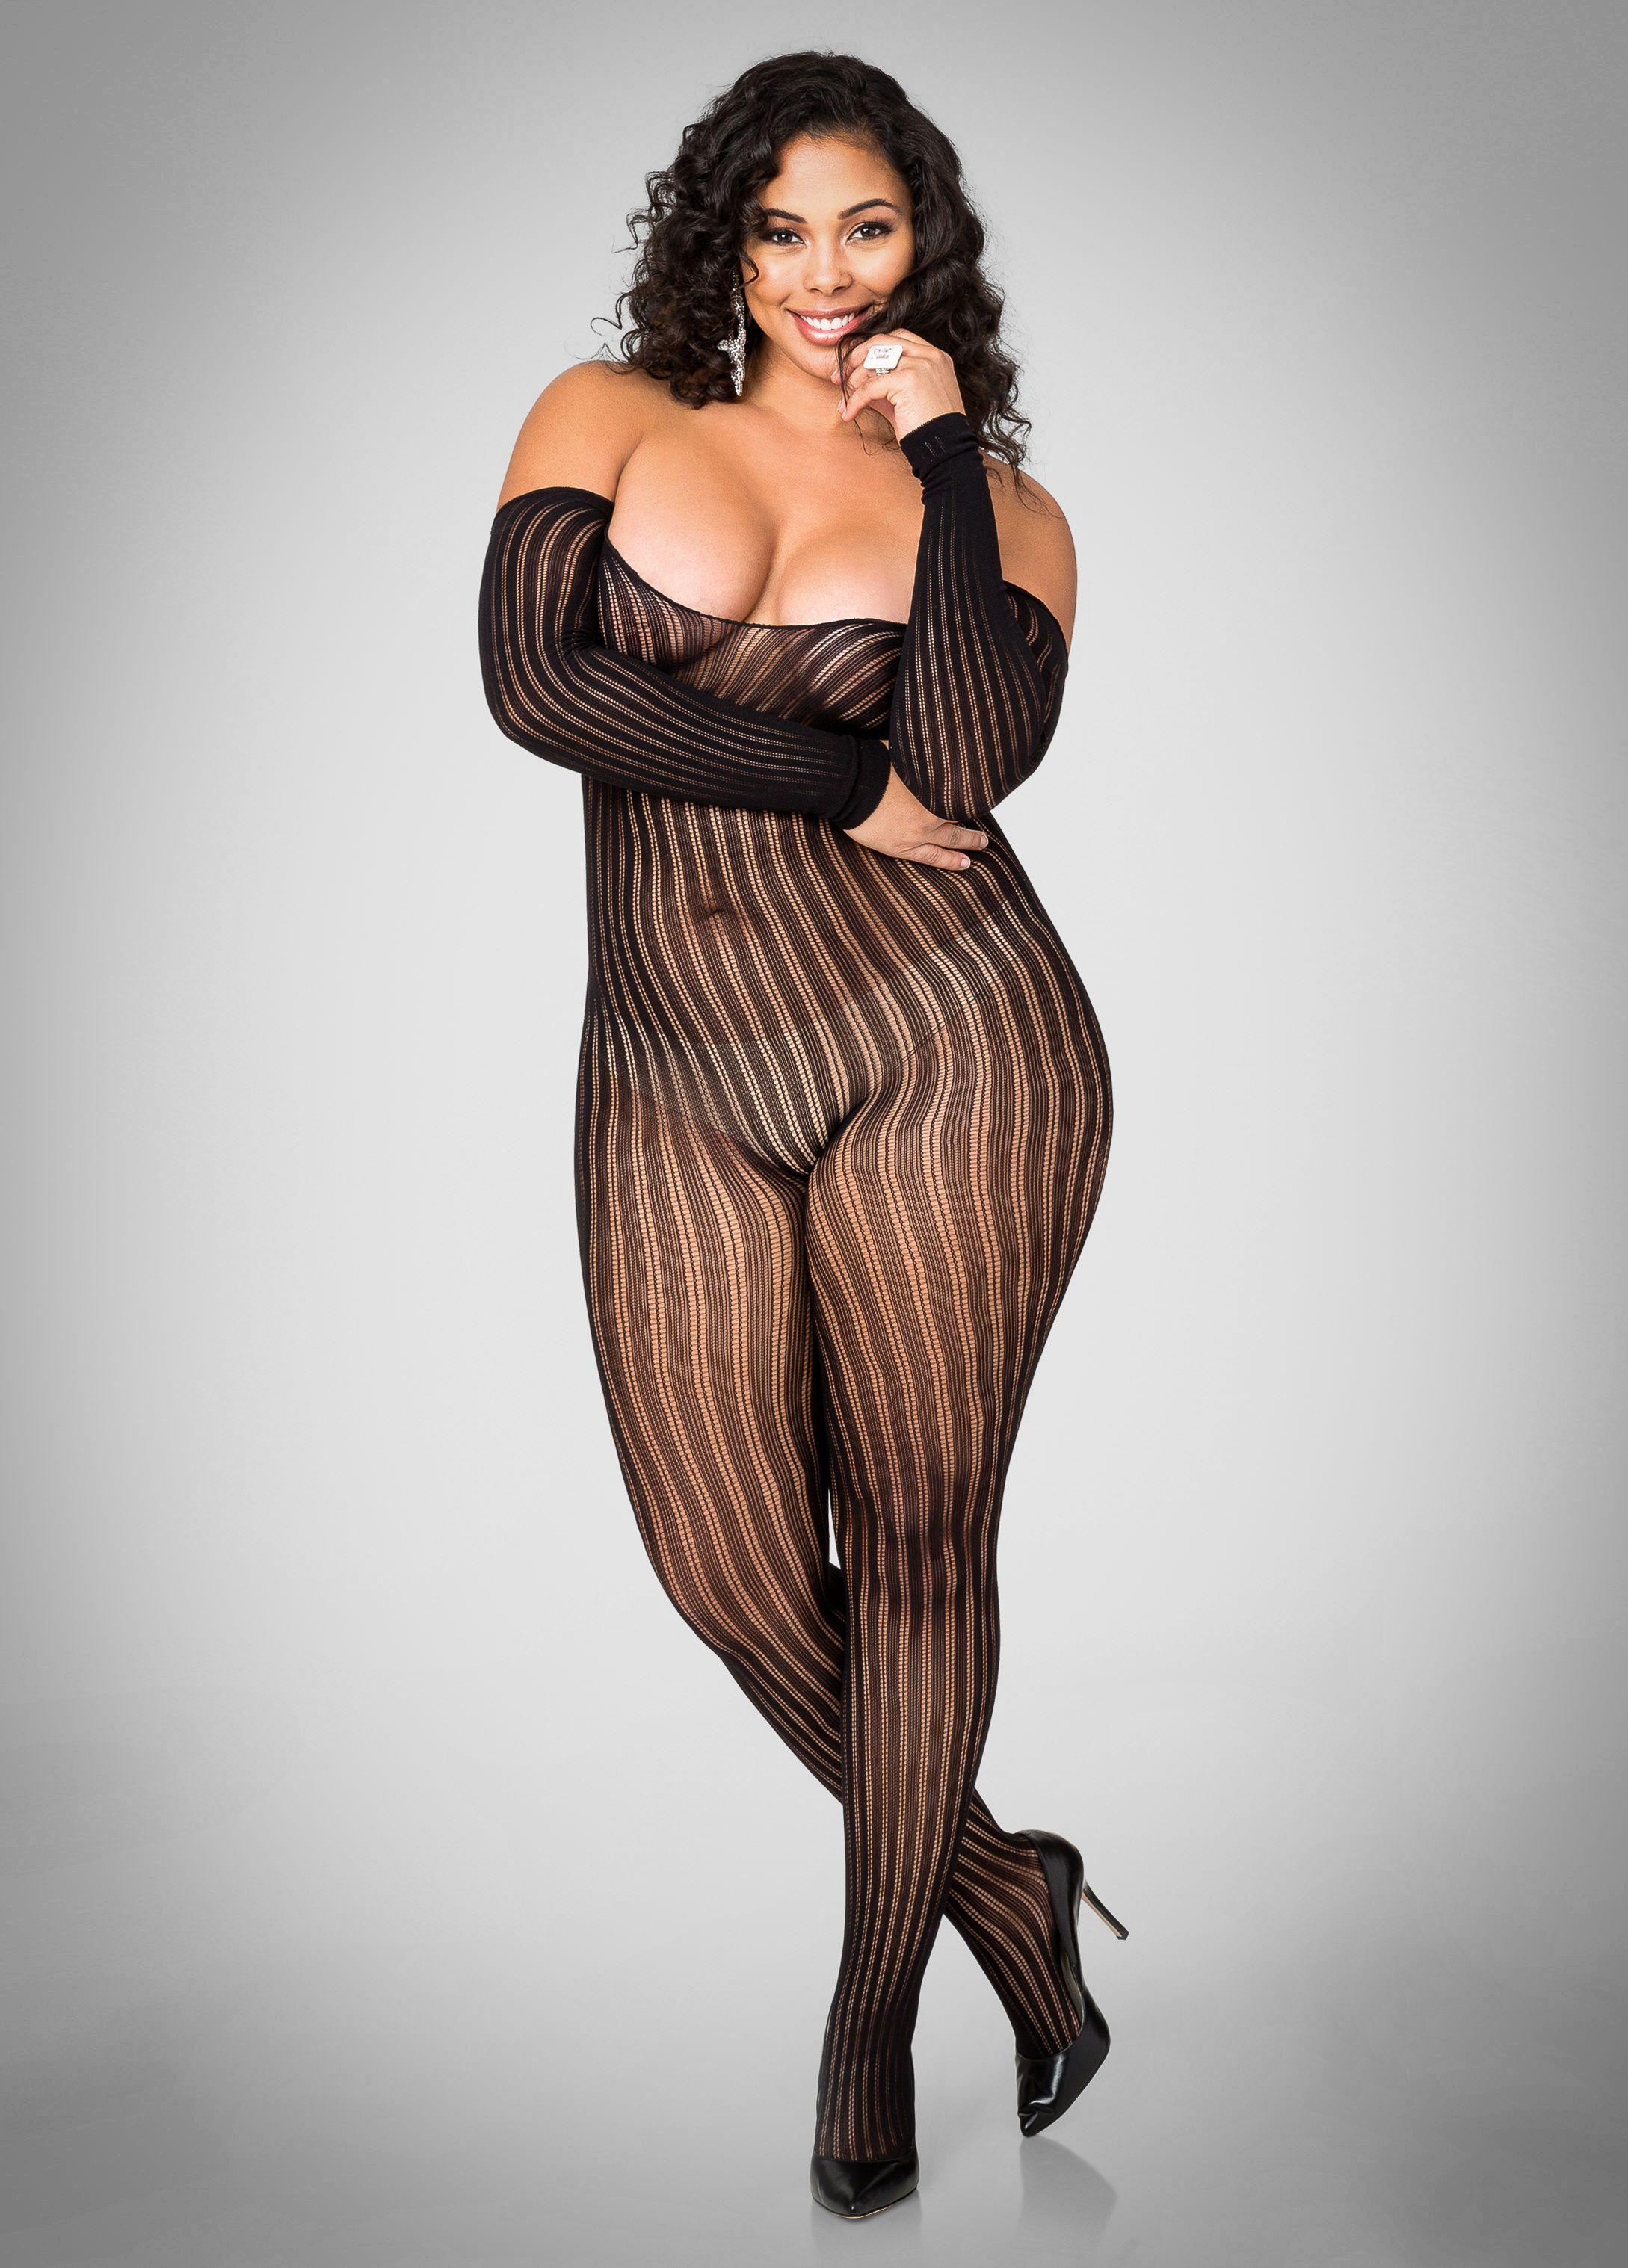 Plus size model Tabria Majors | Tabria Majors | Pinterest ...